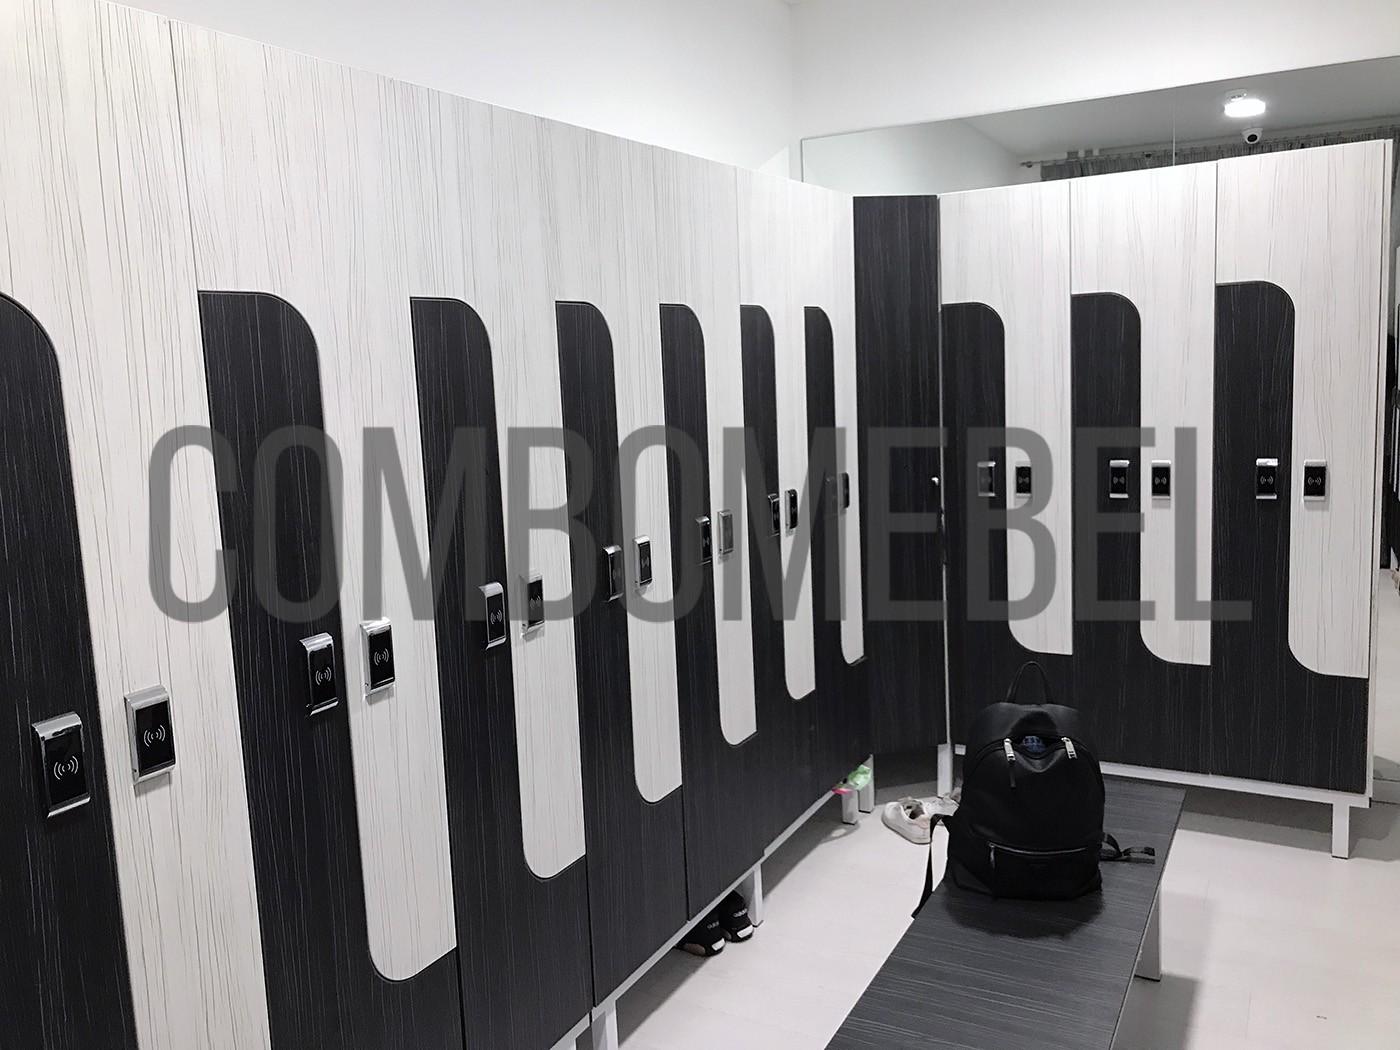 шкафы раздевальные с электронными замками и петлями с доводчиками